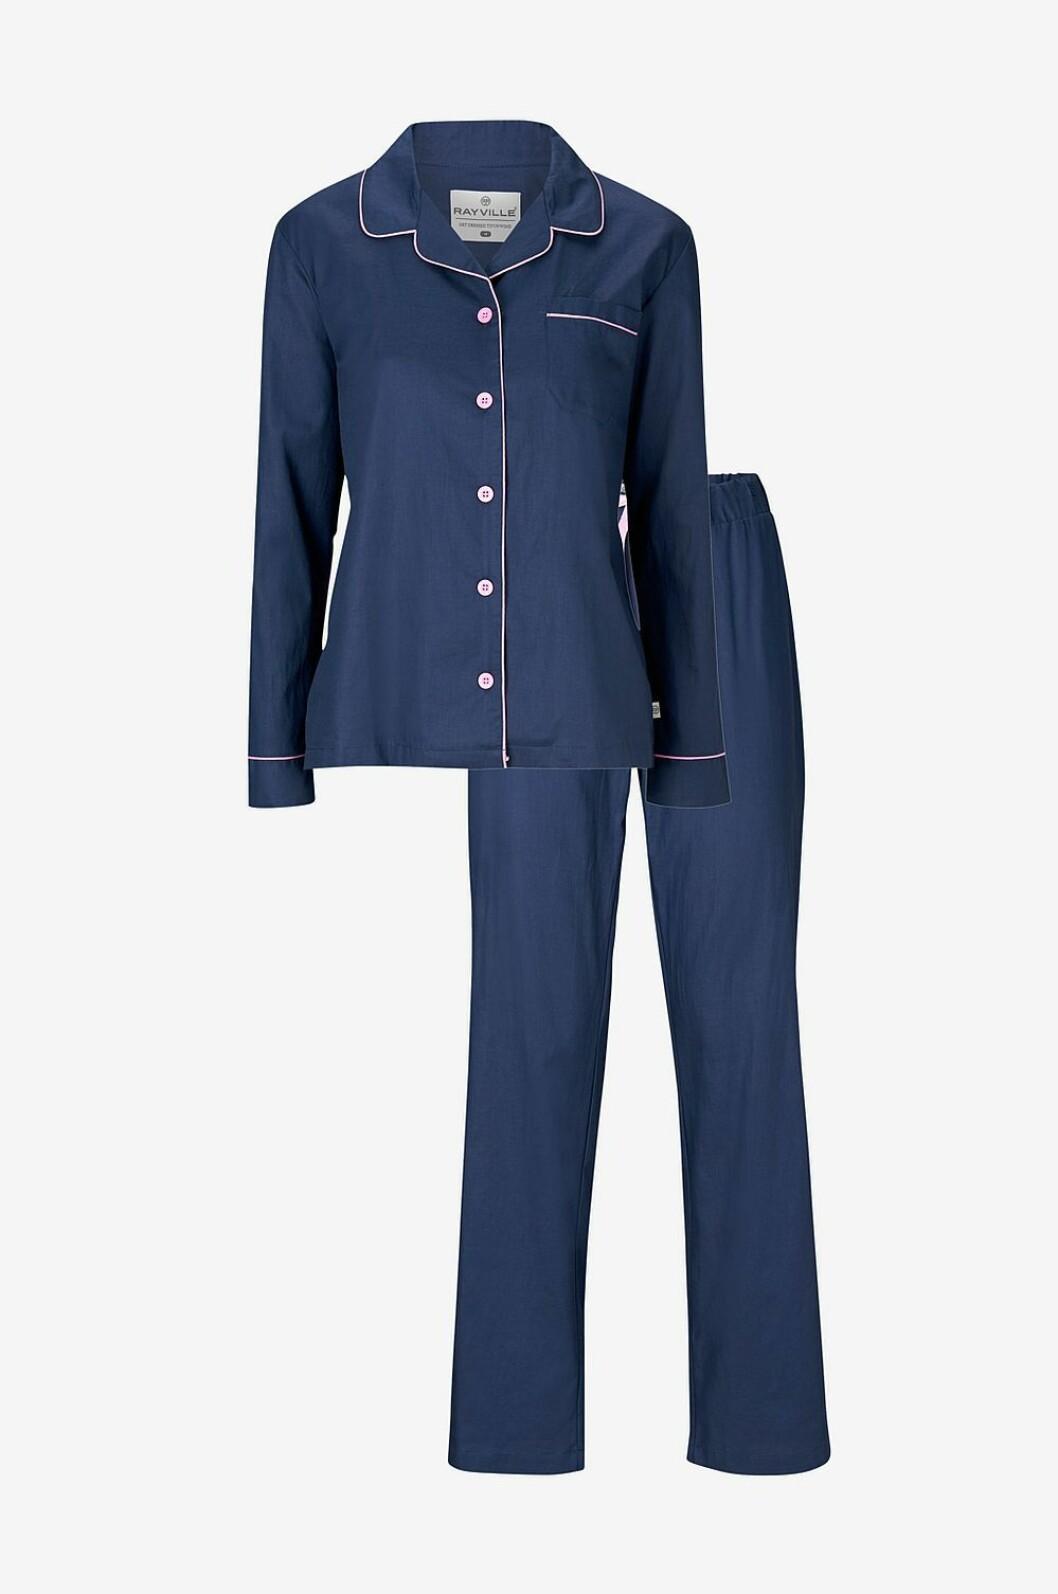 Blå pyjamas till julen